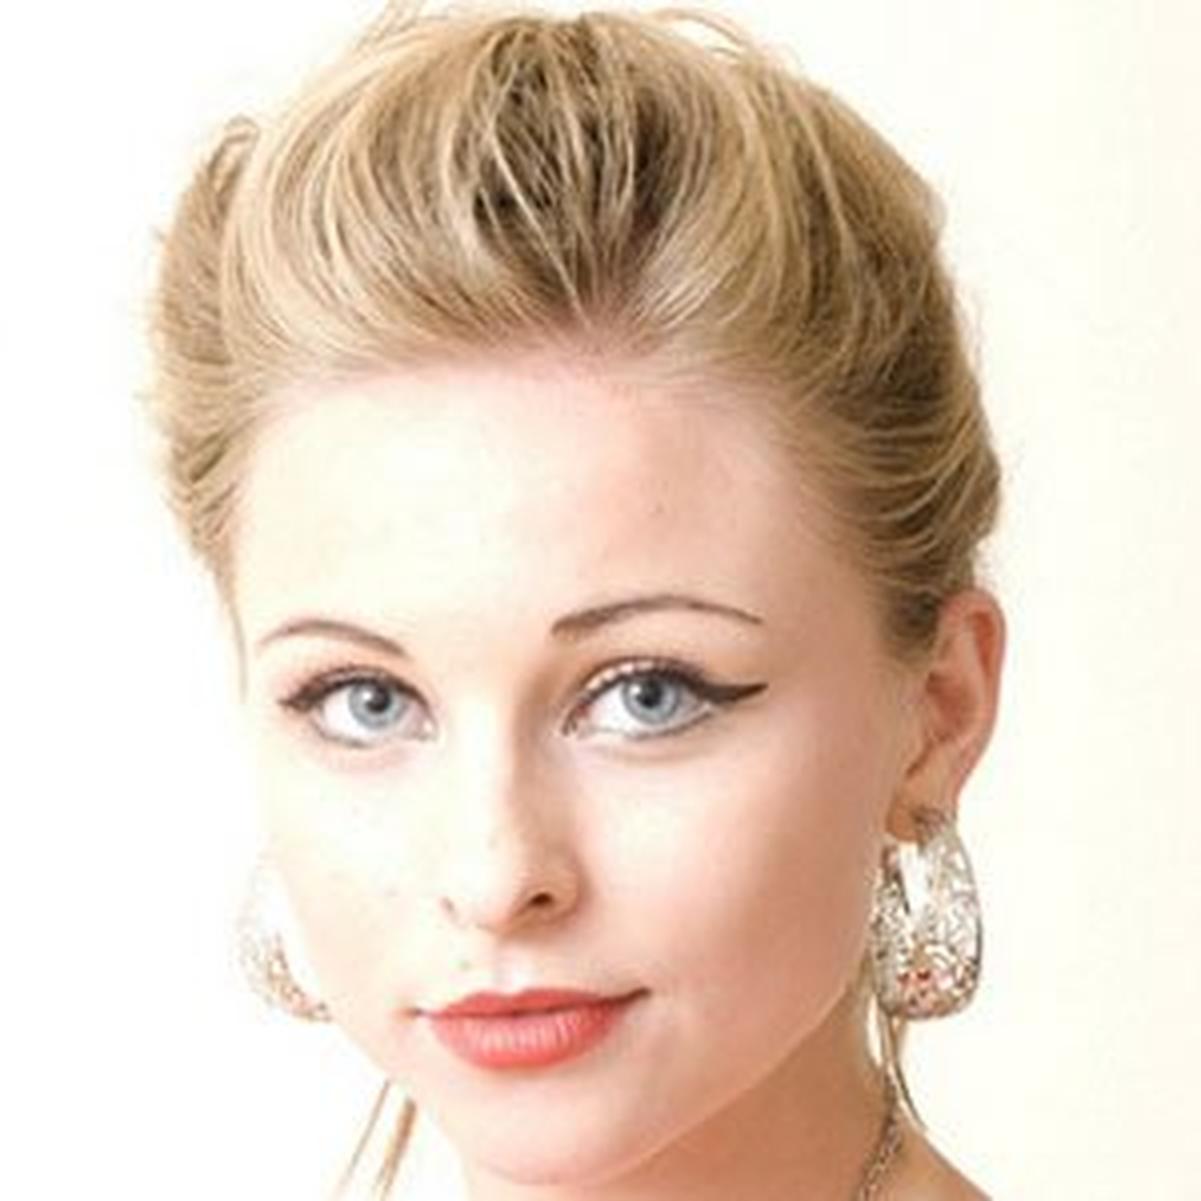 Shelby Wulfert